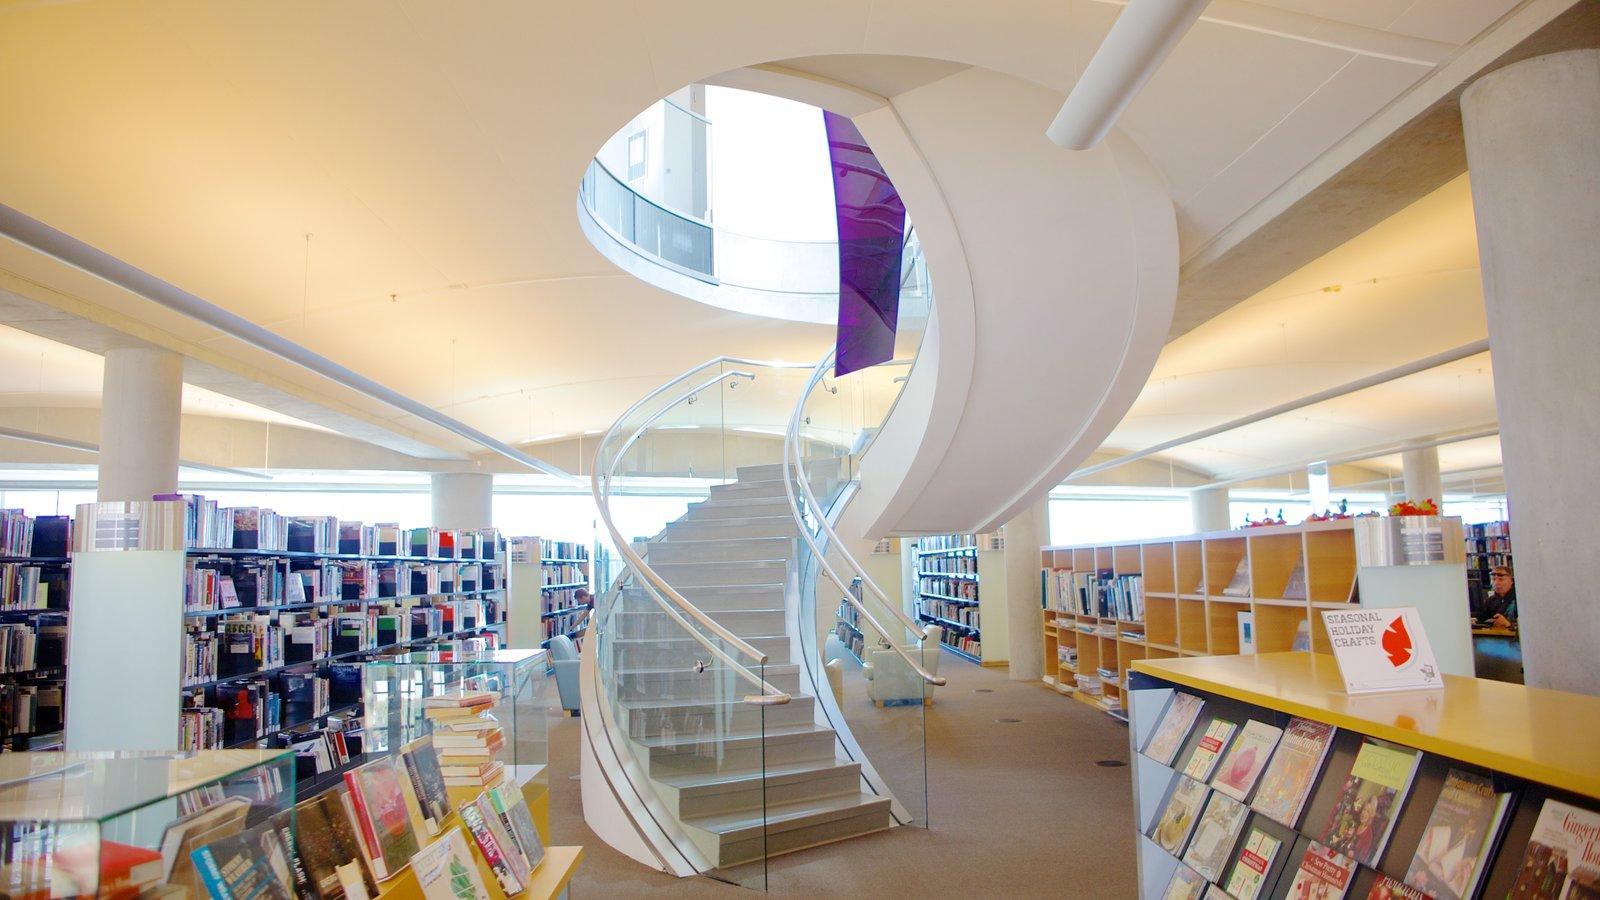 Edifício Principal da Biblioteca Pública de Salt Lake caracterizando vistas internas e arquitetura moderna